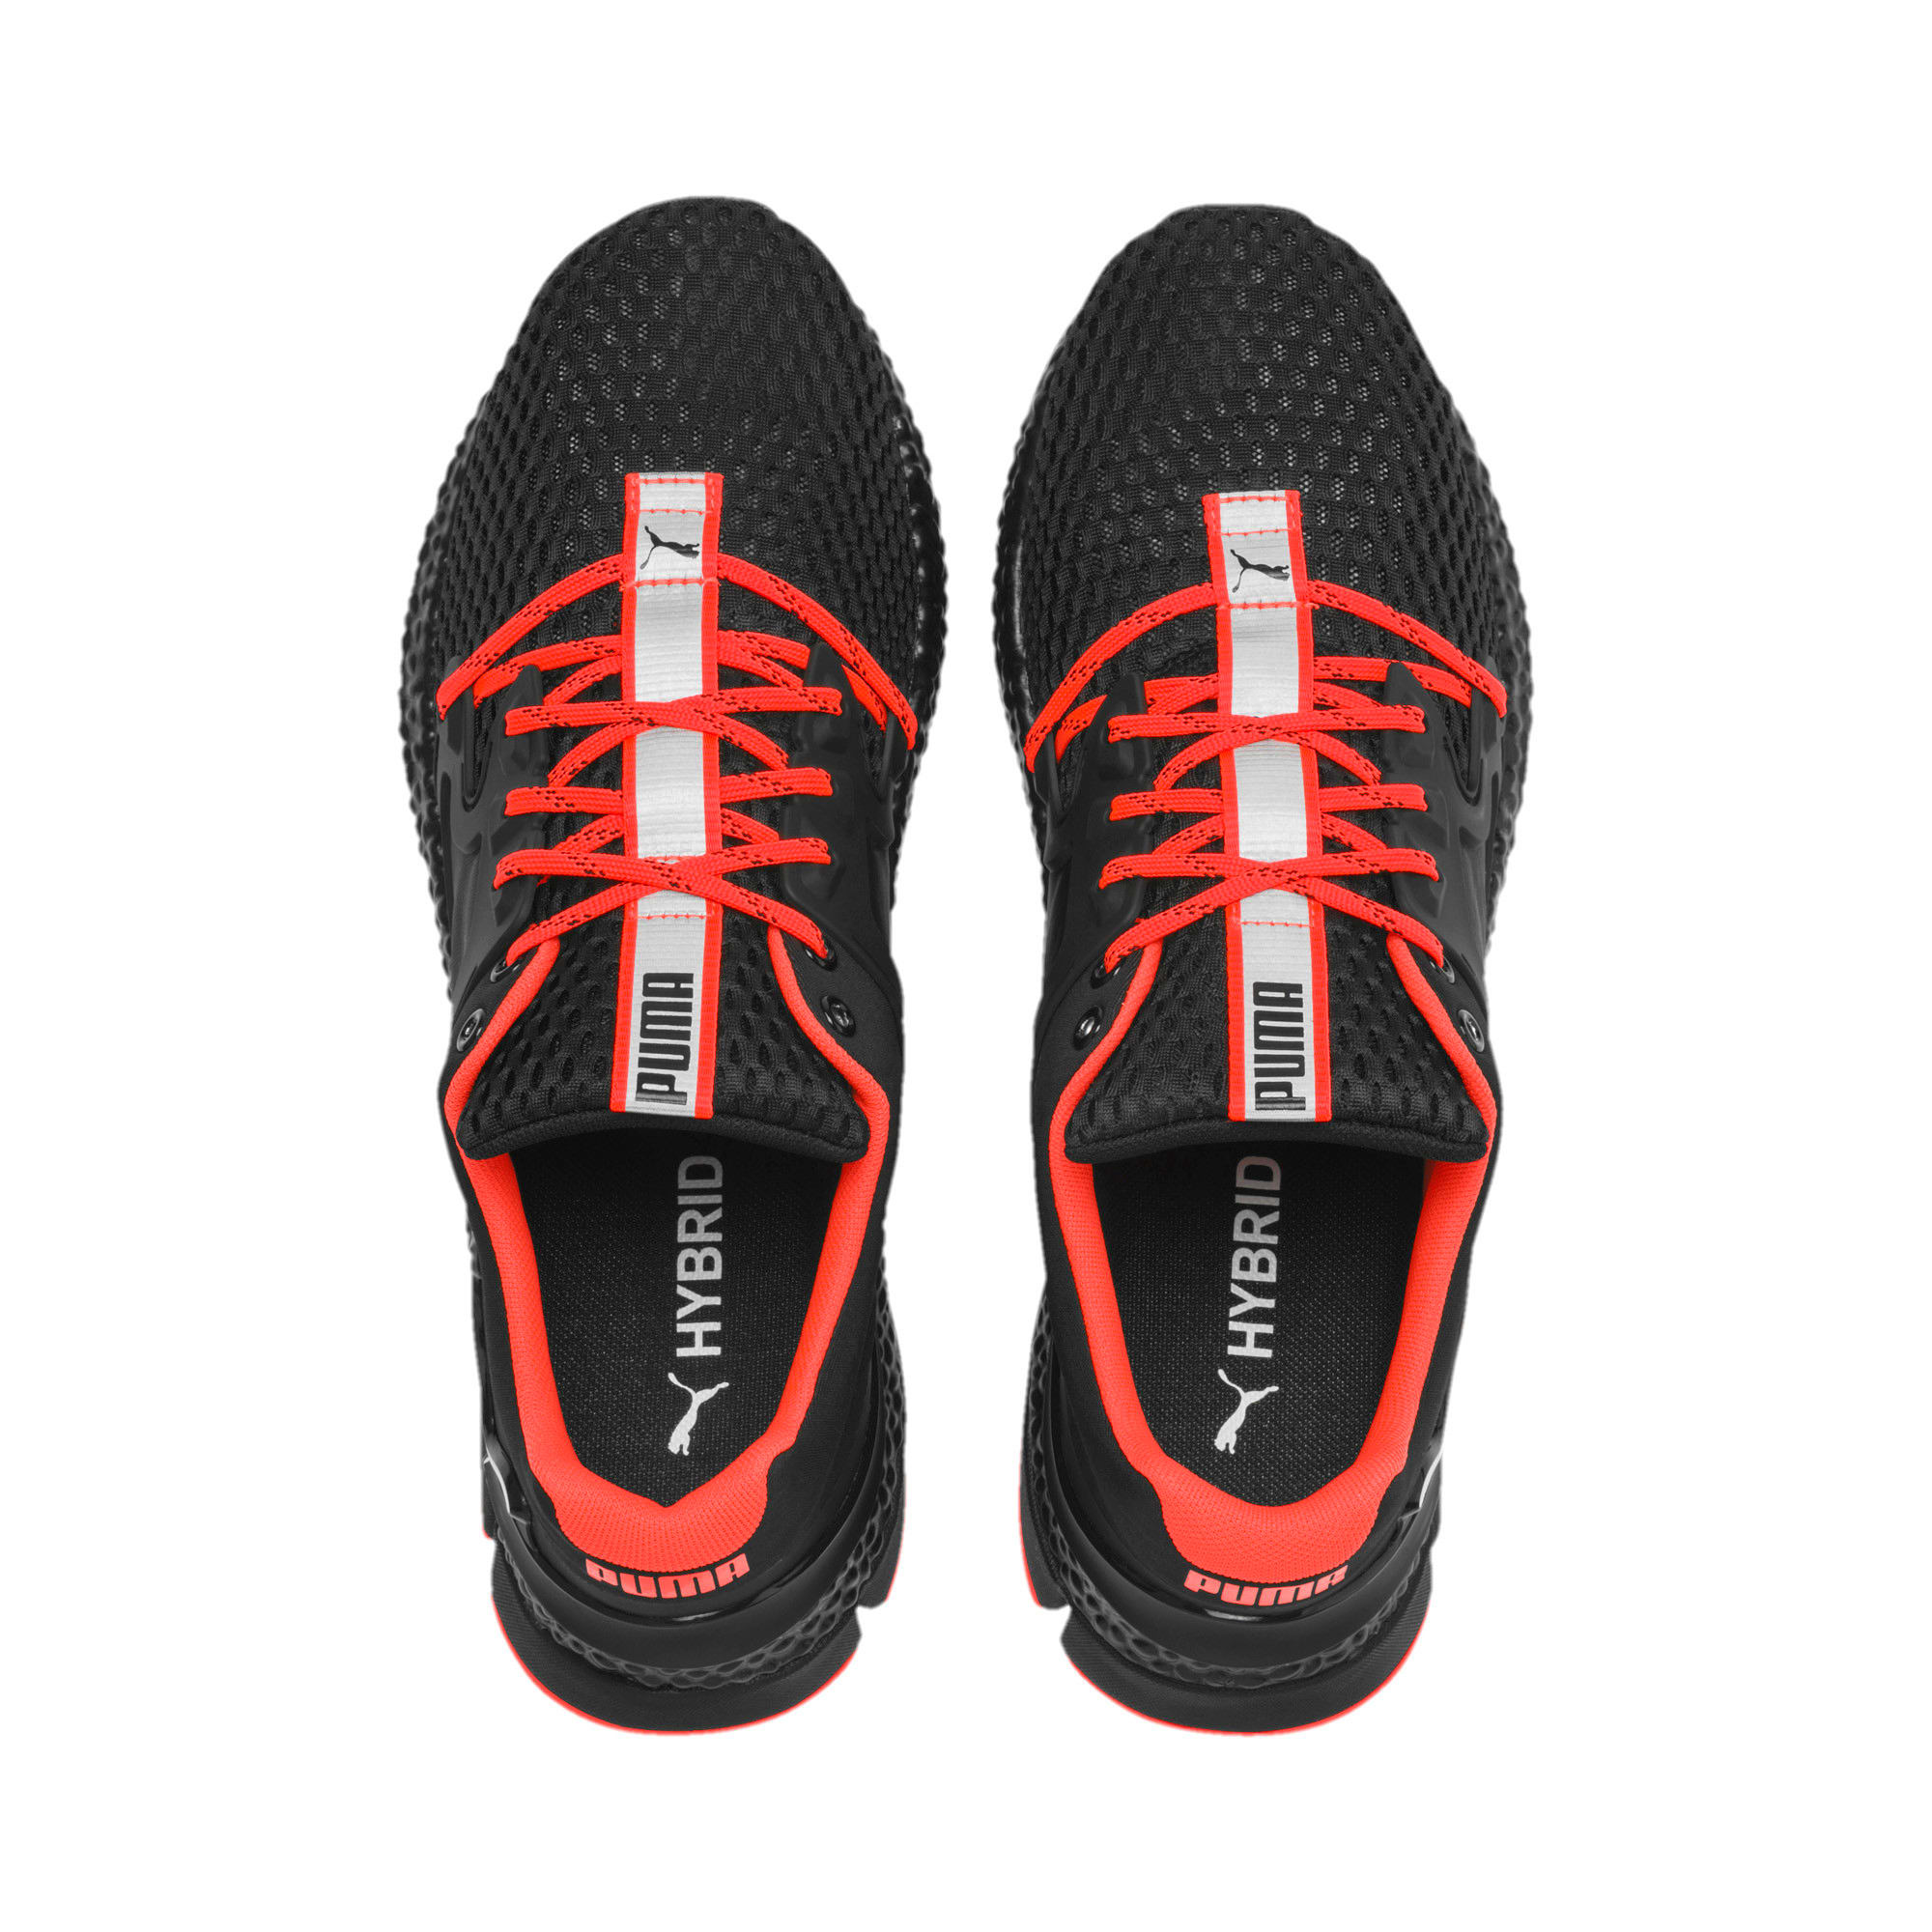 Thumbnail 7 van HYBRID Sky hardloopschoenen voor mannen, Zwart-wit-Nrgy Red, medium